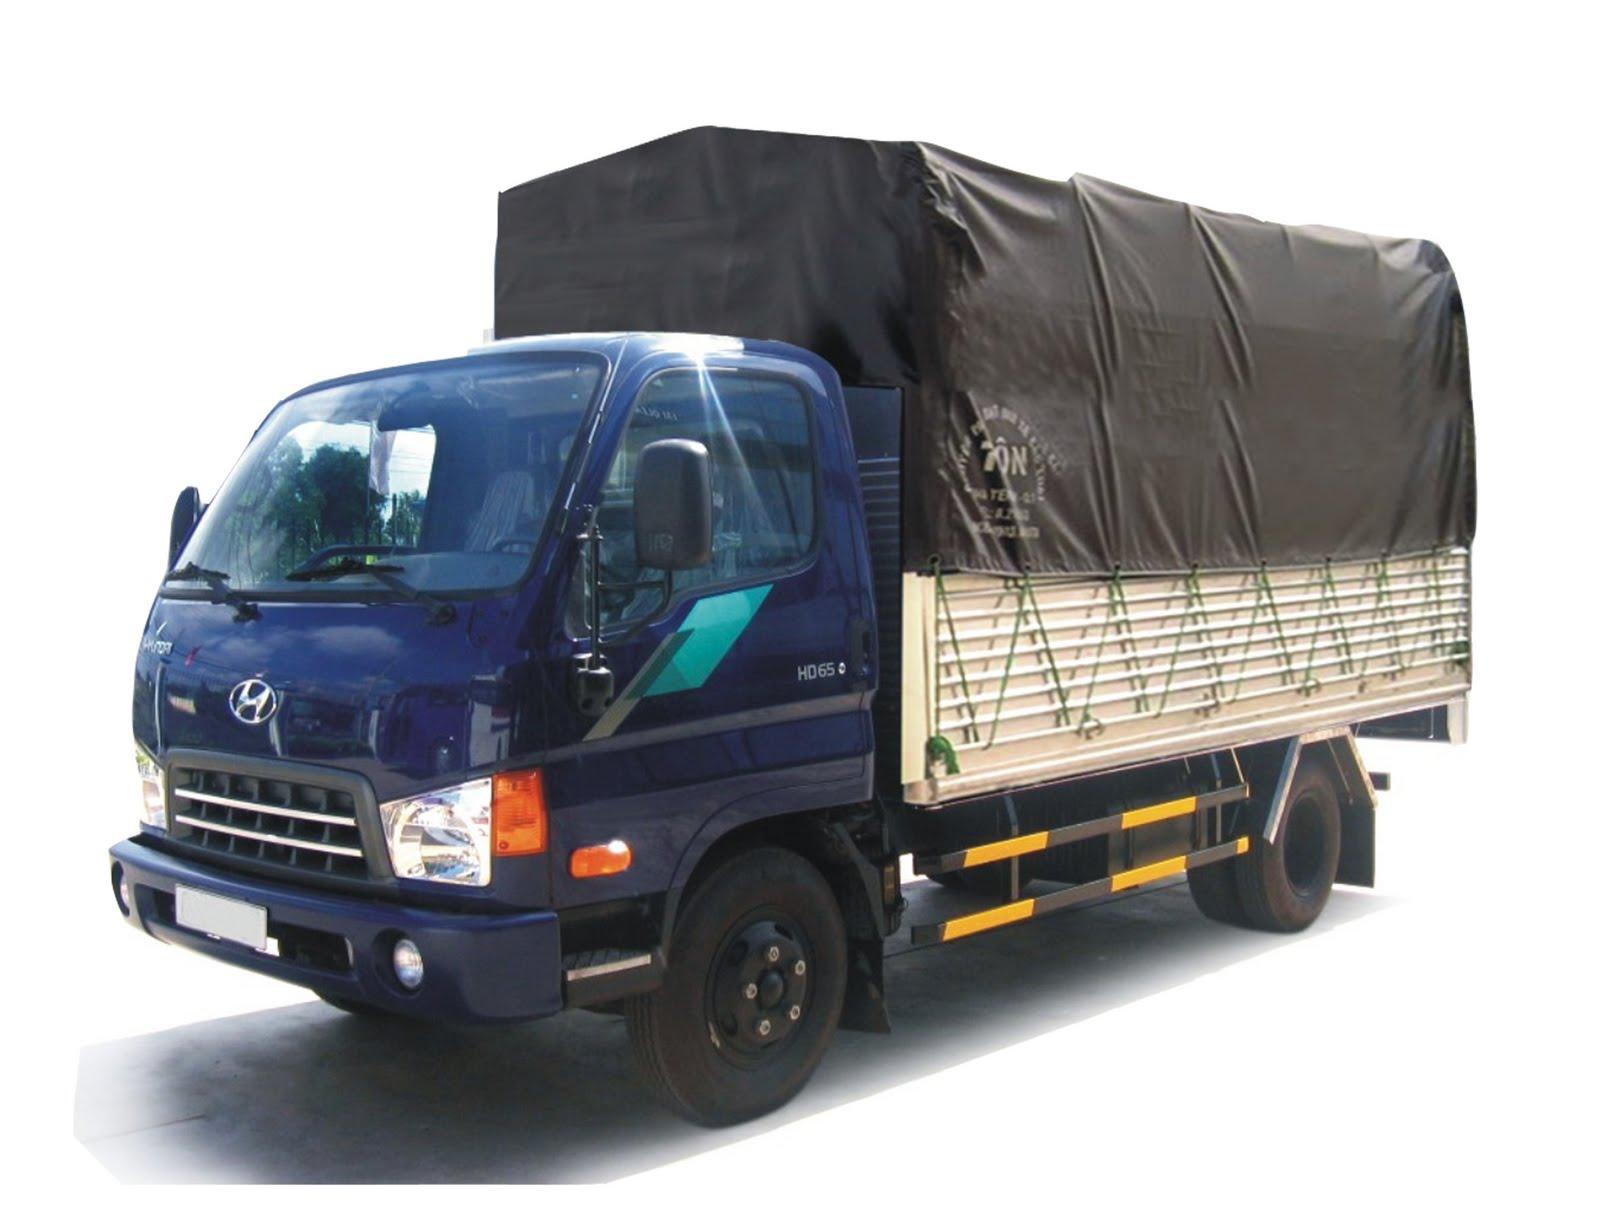 Cho thuê xe tải 1 tấn giá rẻ tại tphcm - Đường Việt Sài Gòn